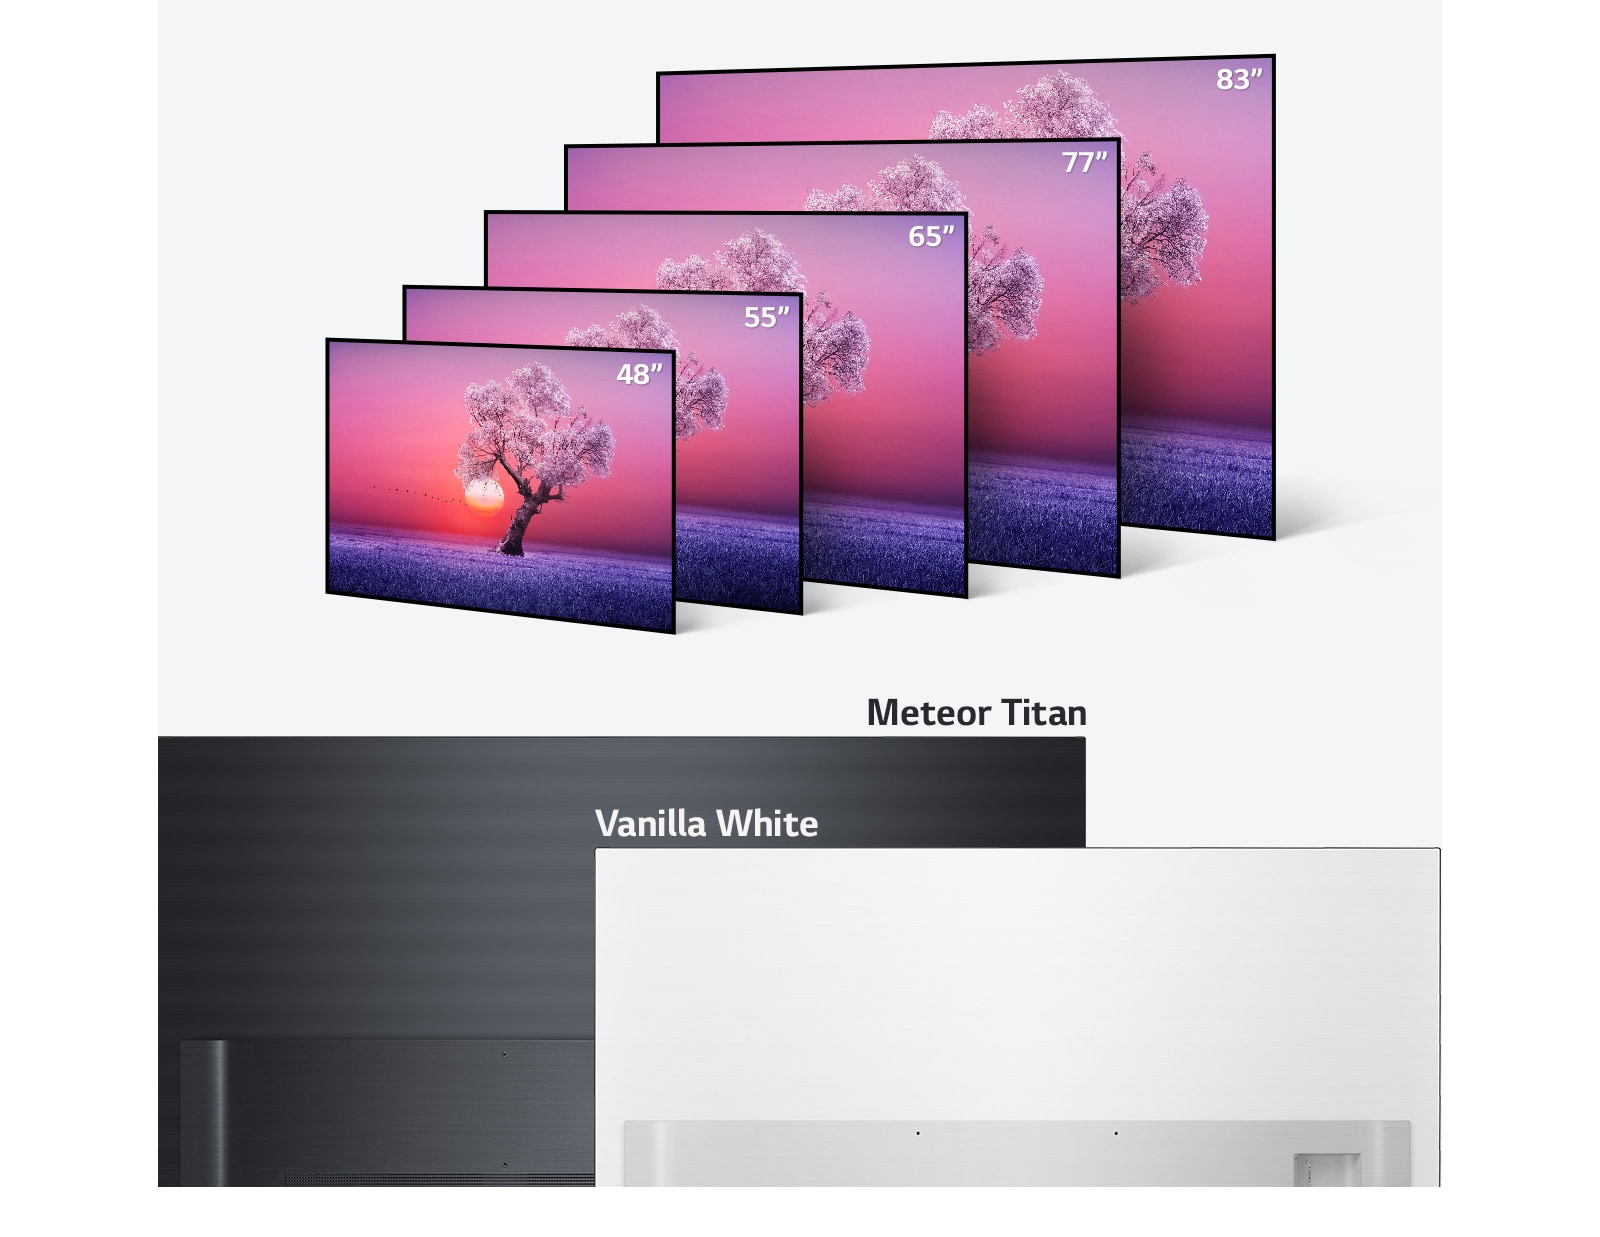 تشكيلة تلفزيونات OLED من إل جي بأحجام مختلفة بداية من 48 بوصة إلى 83 بوصة وألوان تشمل اللون الأسود الفاتح وأبيض الفانيليا